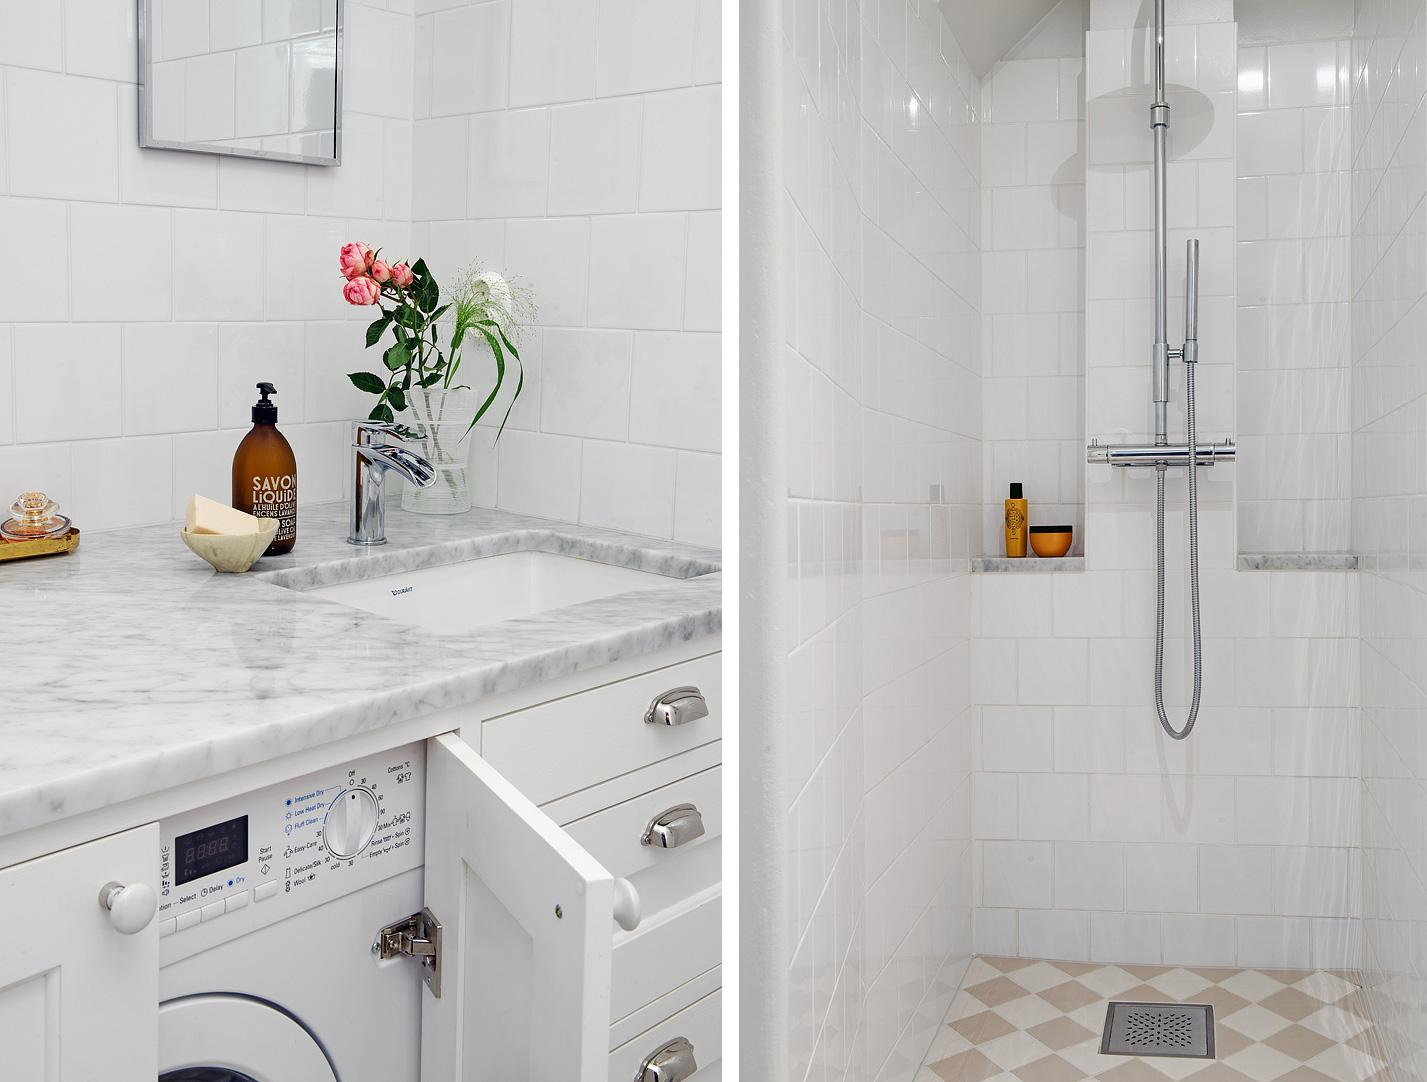 Kreativa sätt att dölja en tvättmaskin i ett badrum